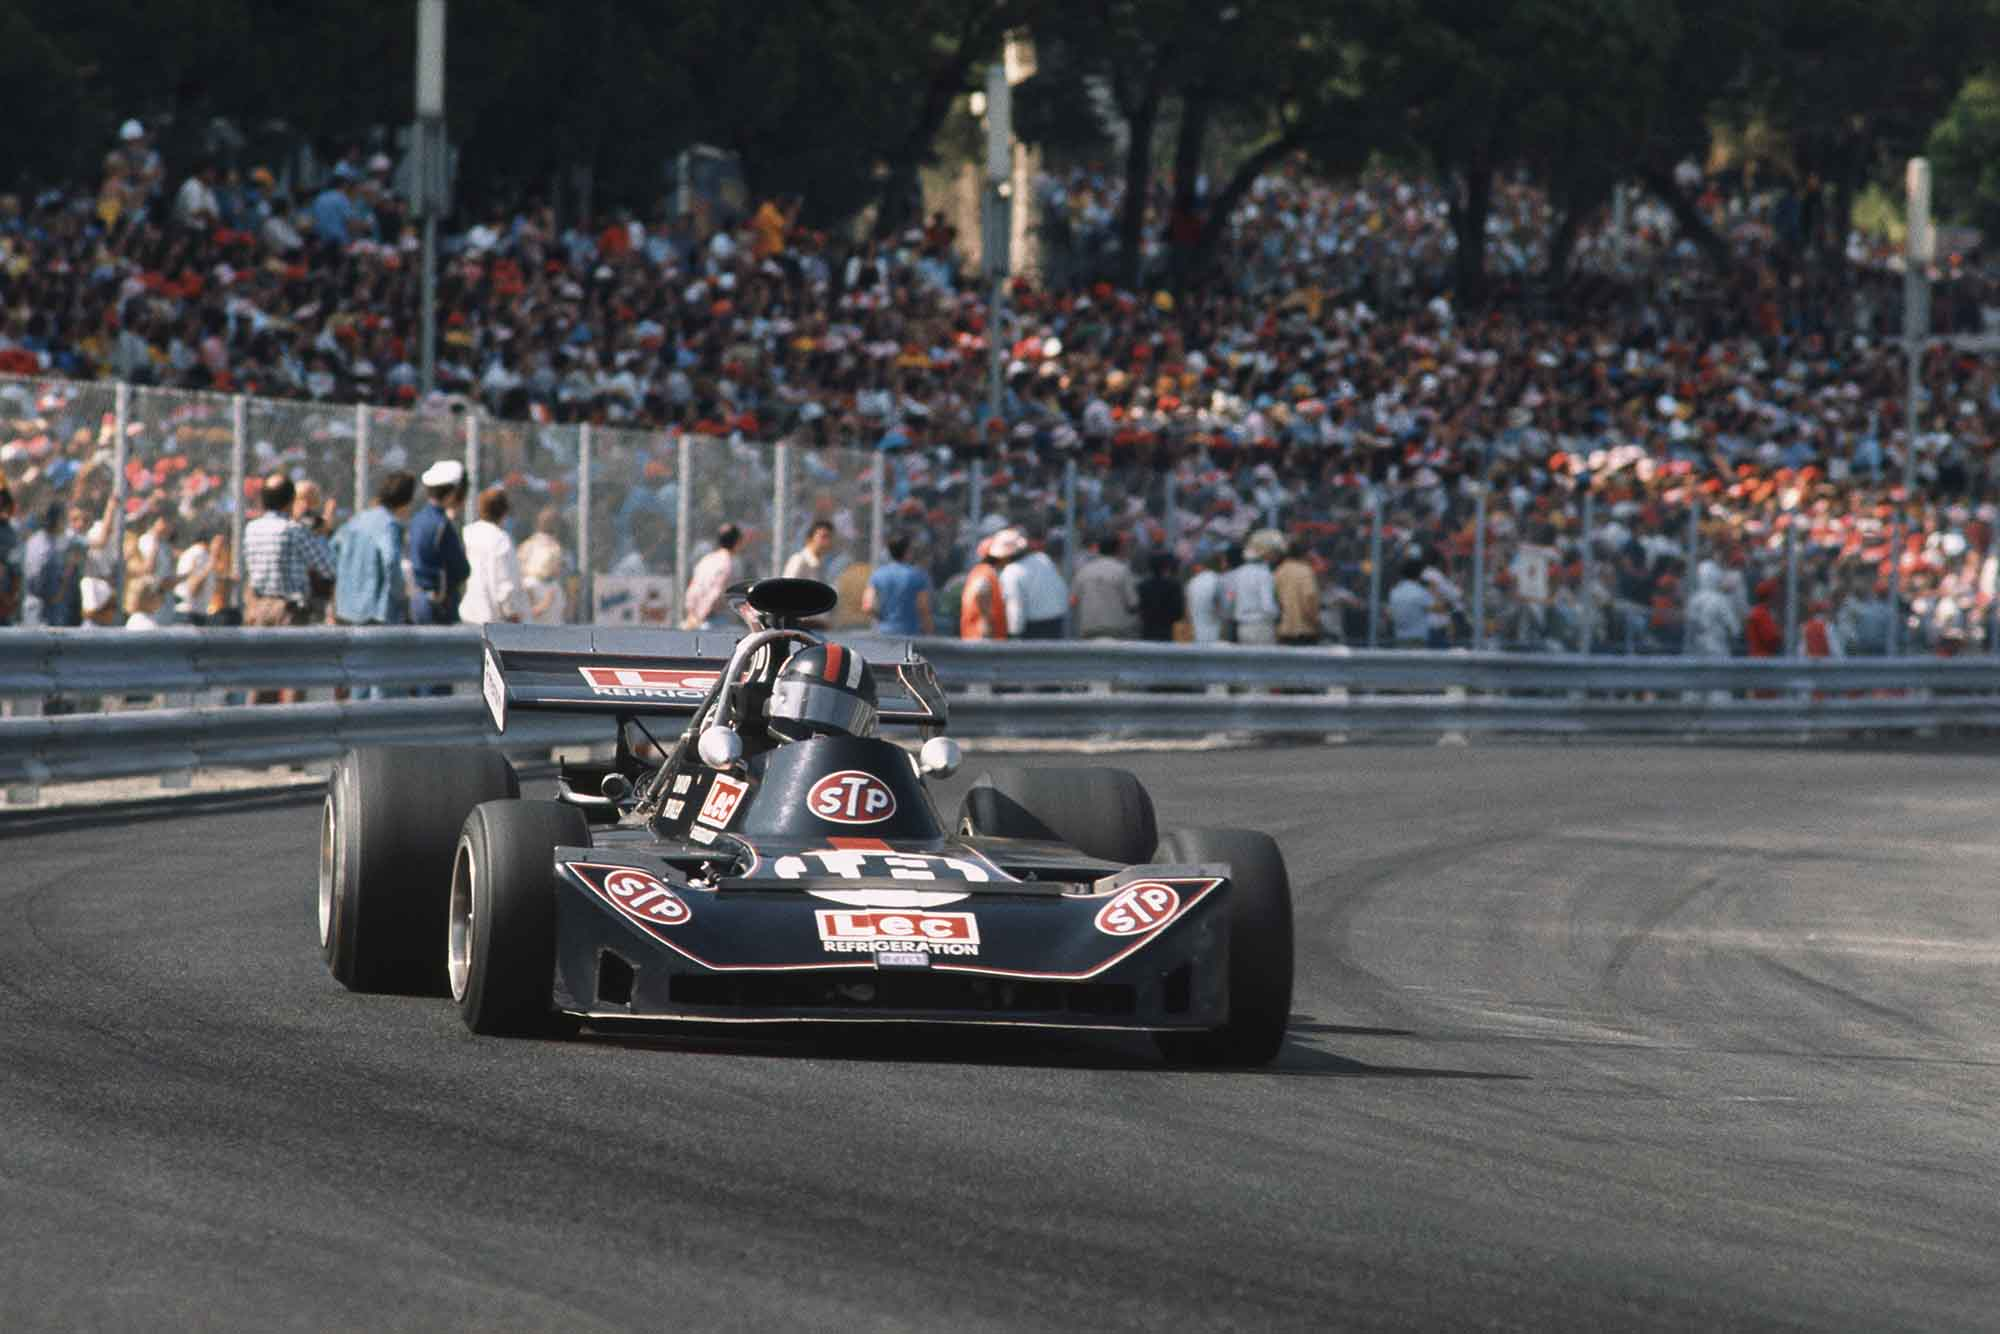 David Purley in his Lec at the 1973 Monaco Grand Prix.